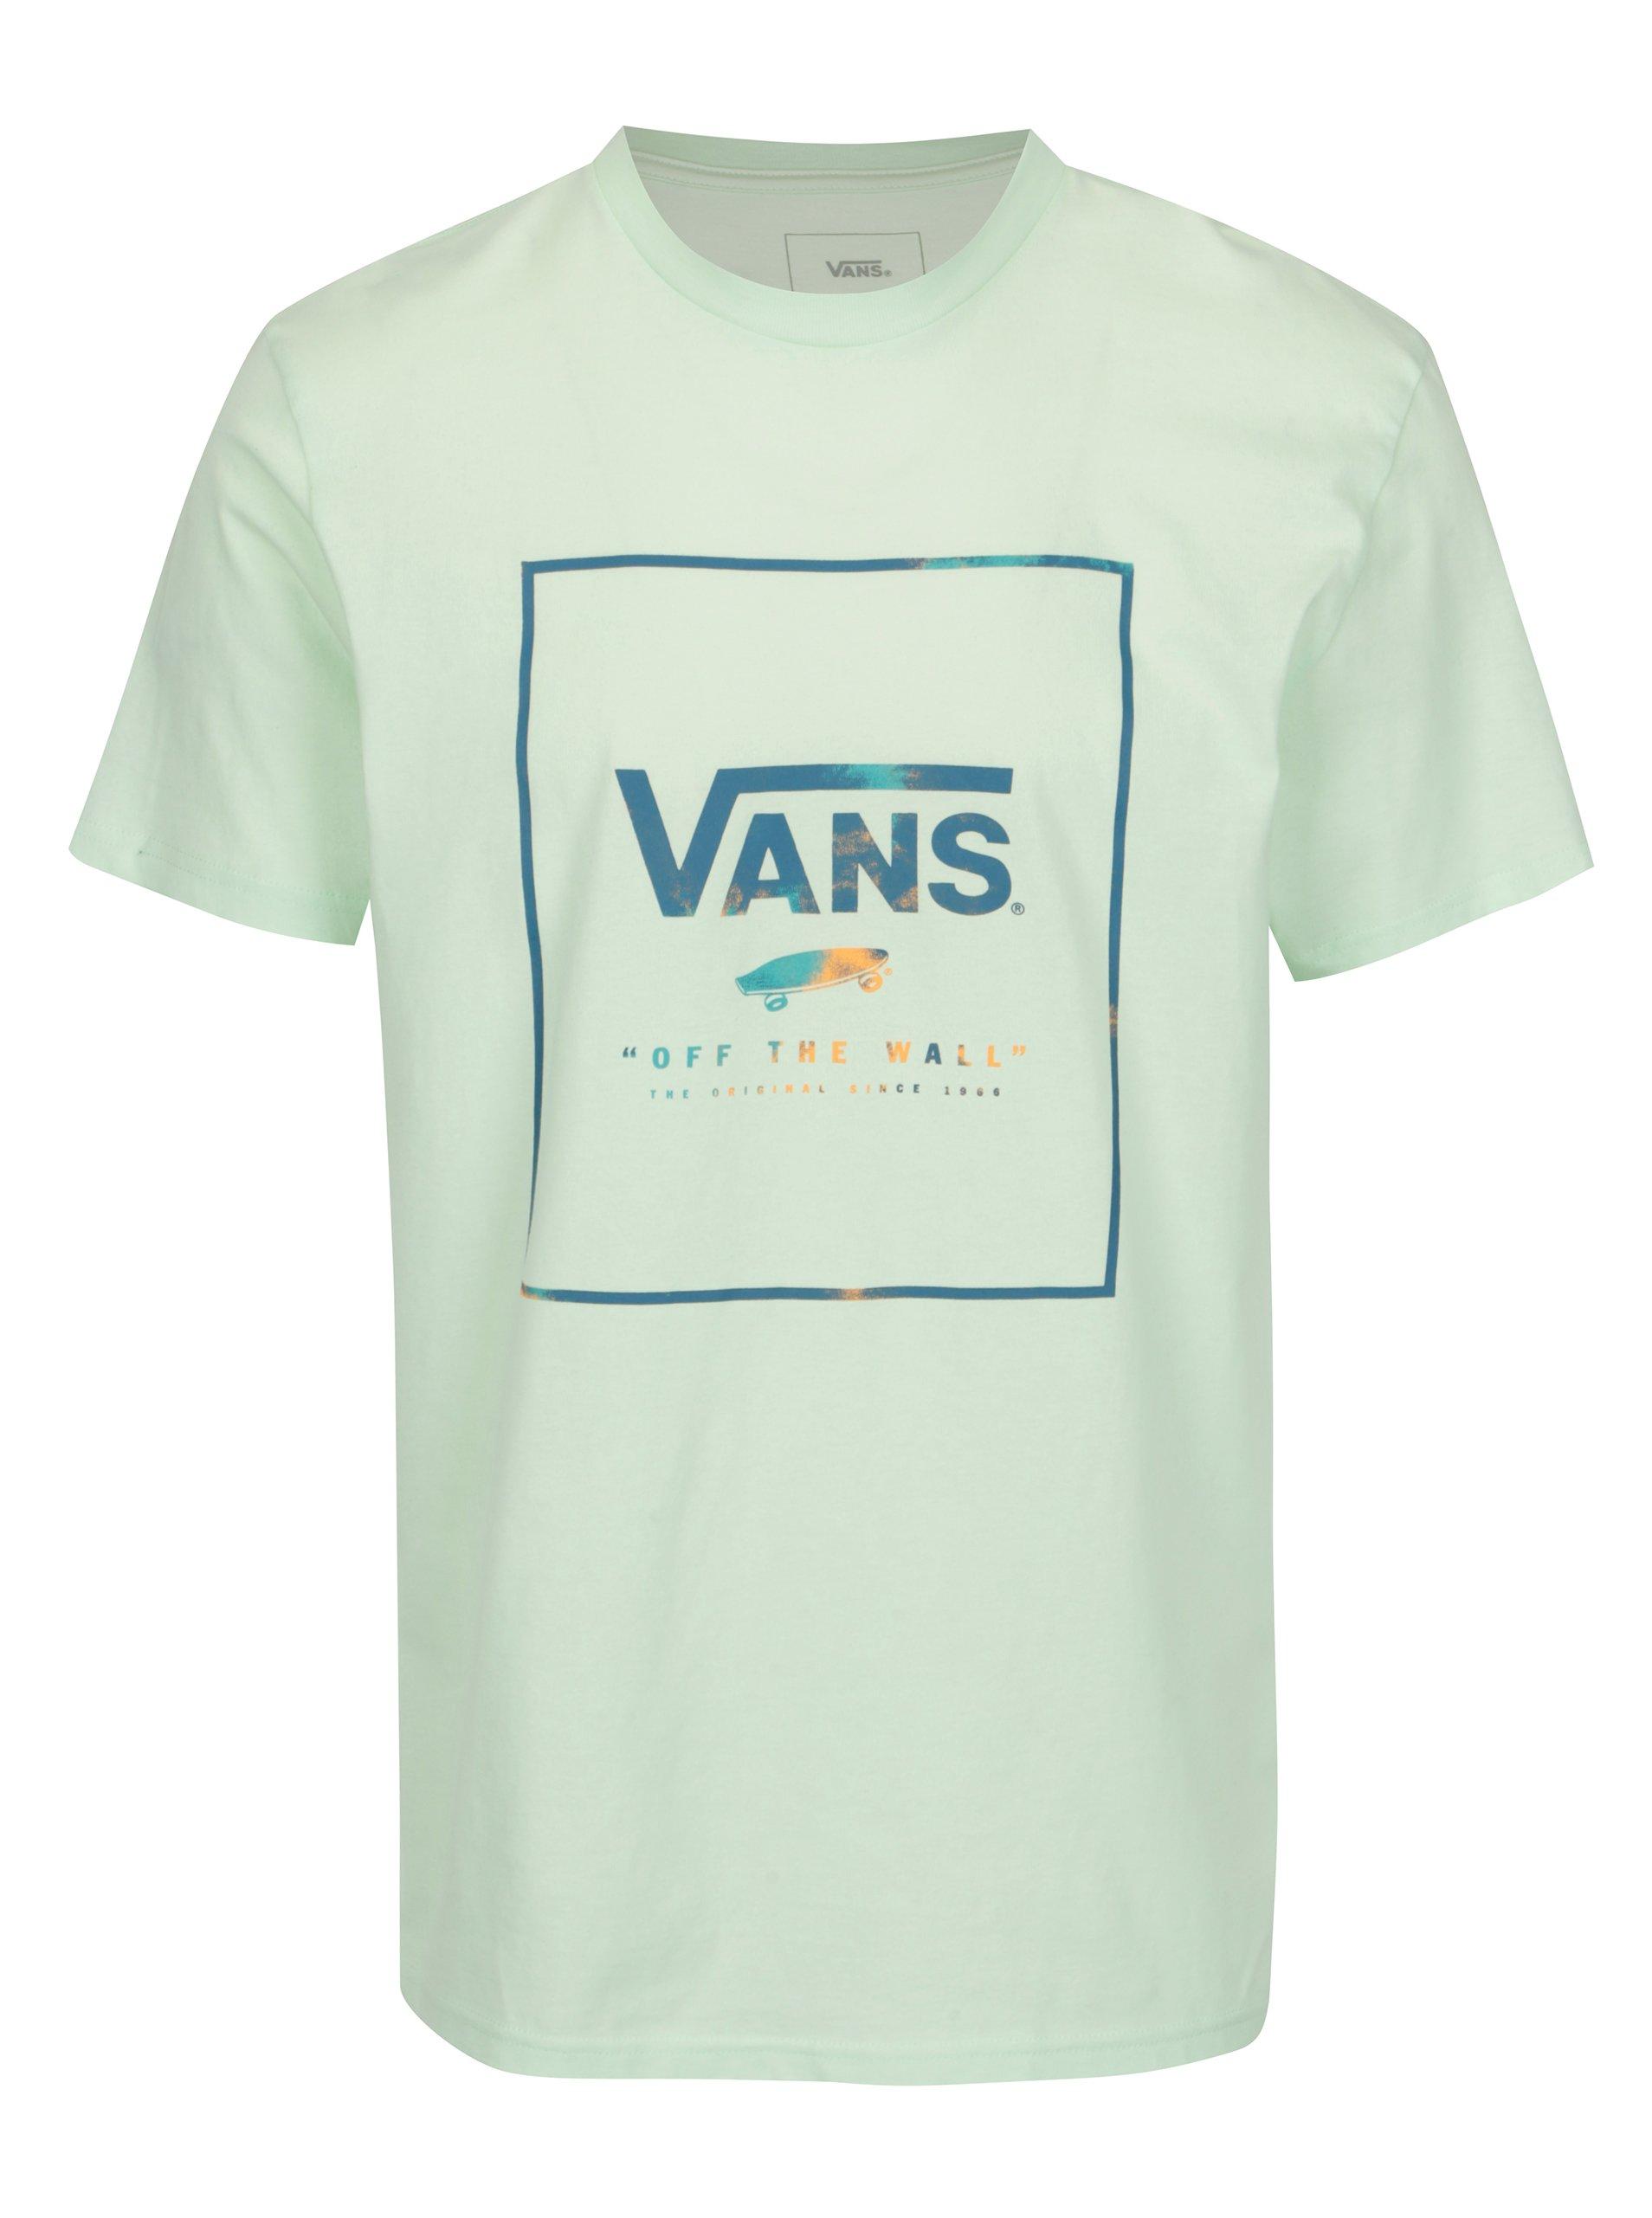 Svetlozelené pánske tričko potlačou VANS Box 6bd690bf1b5